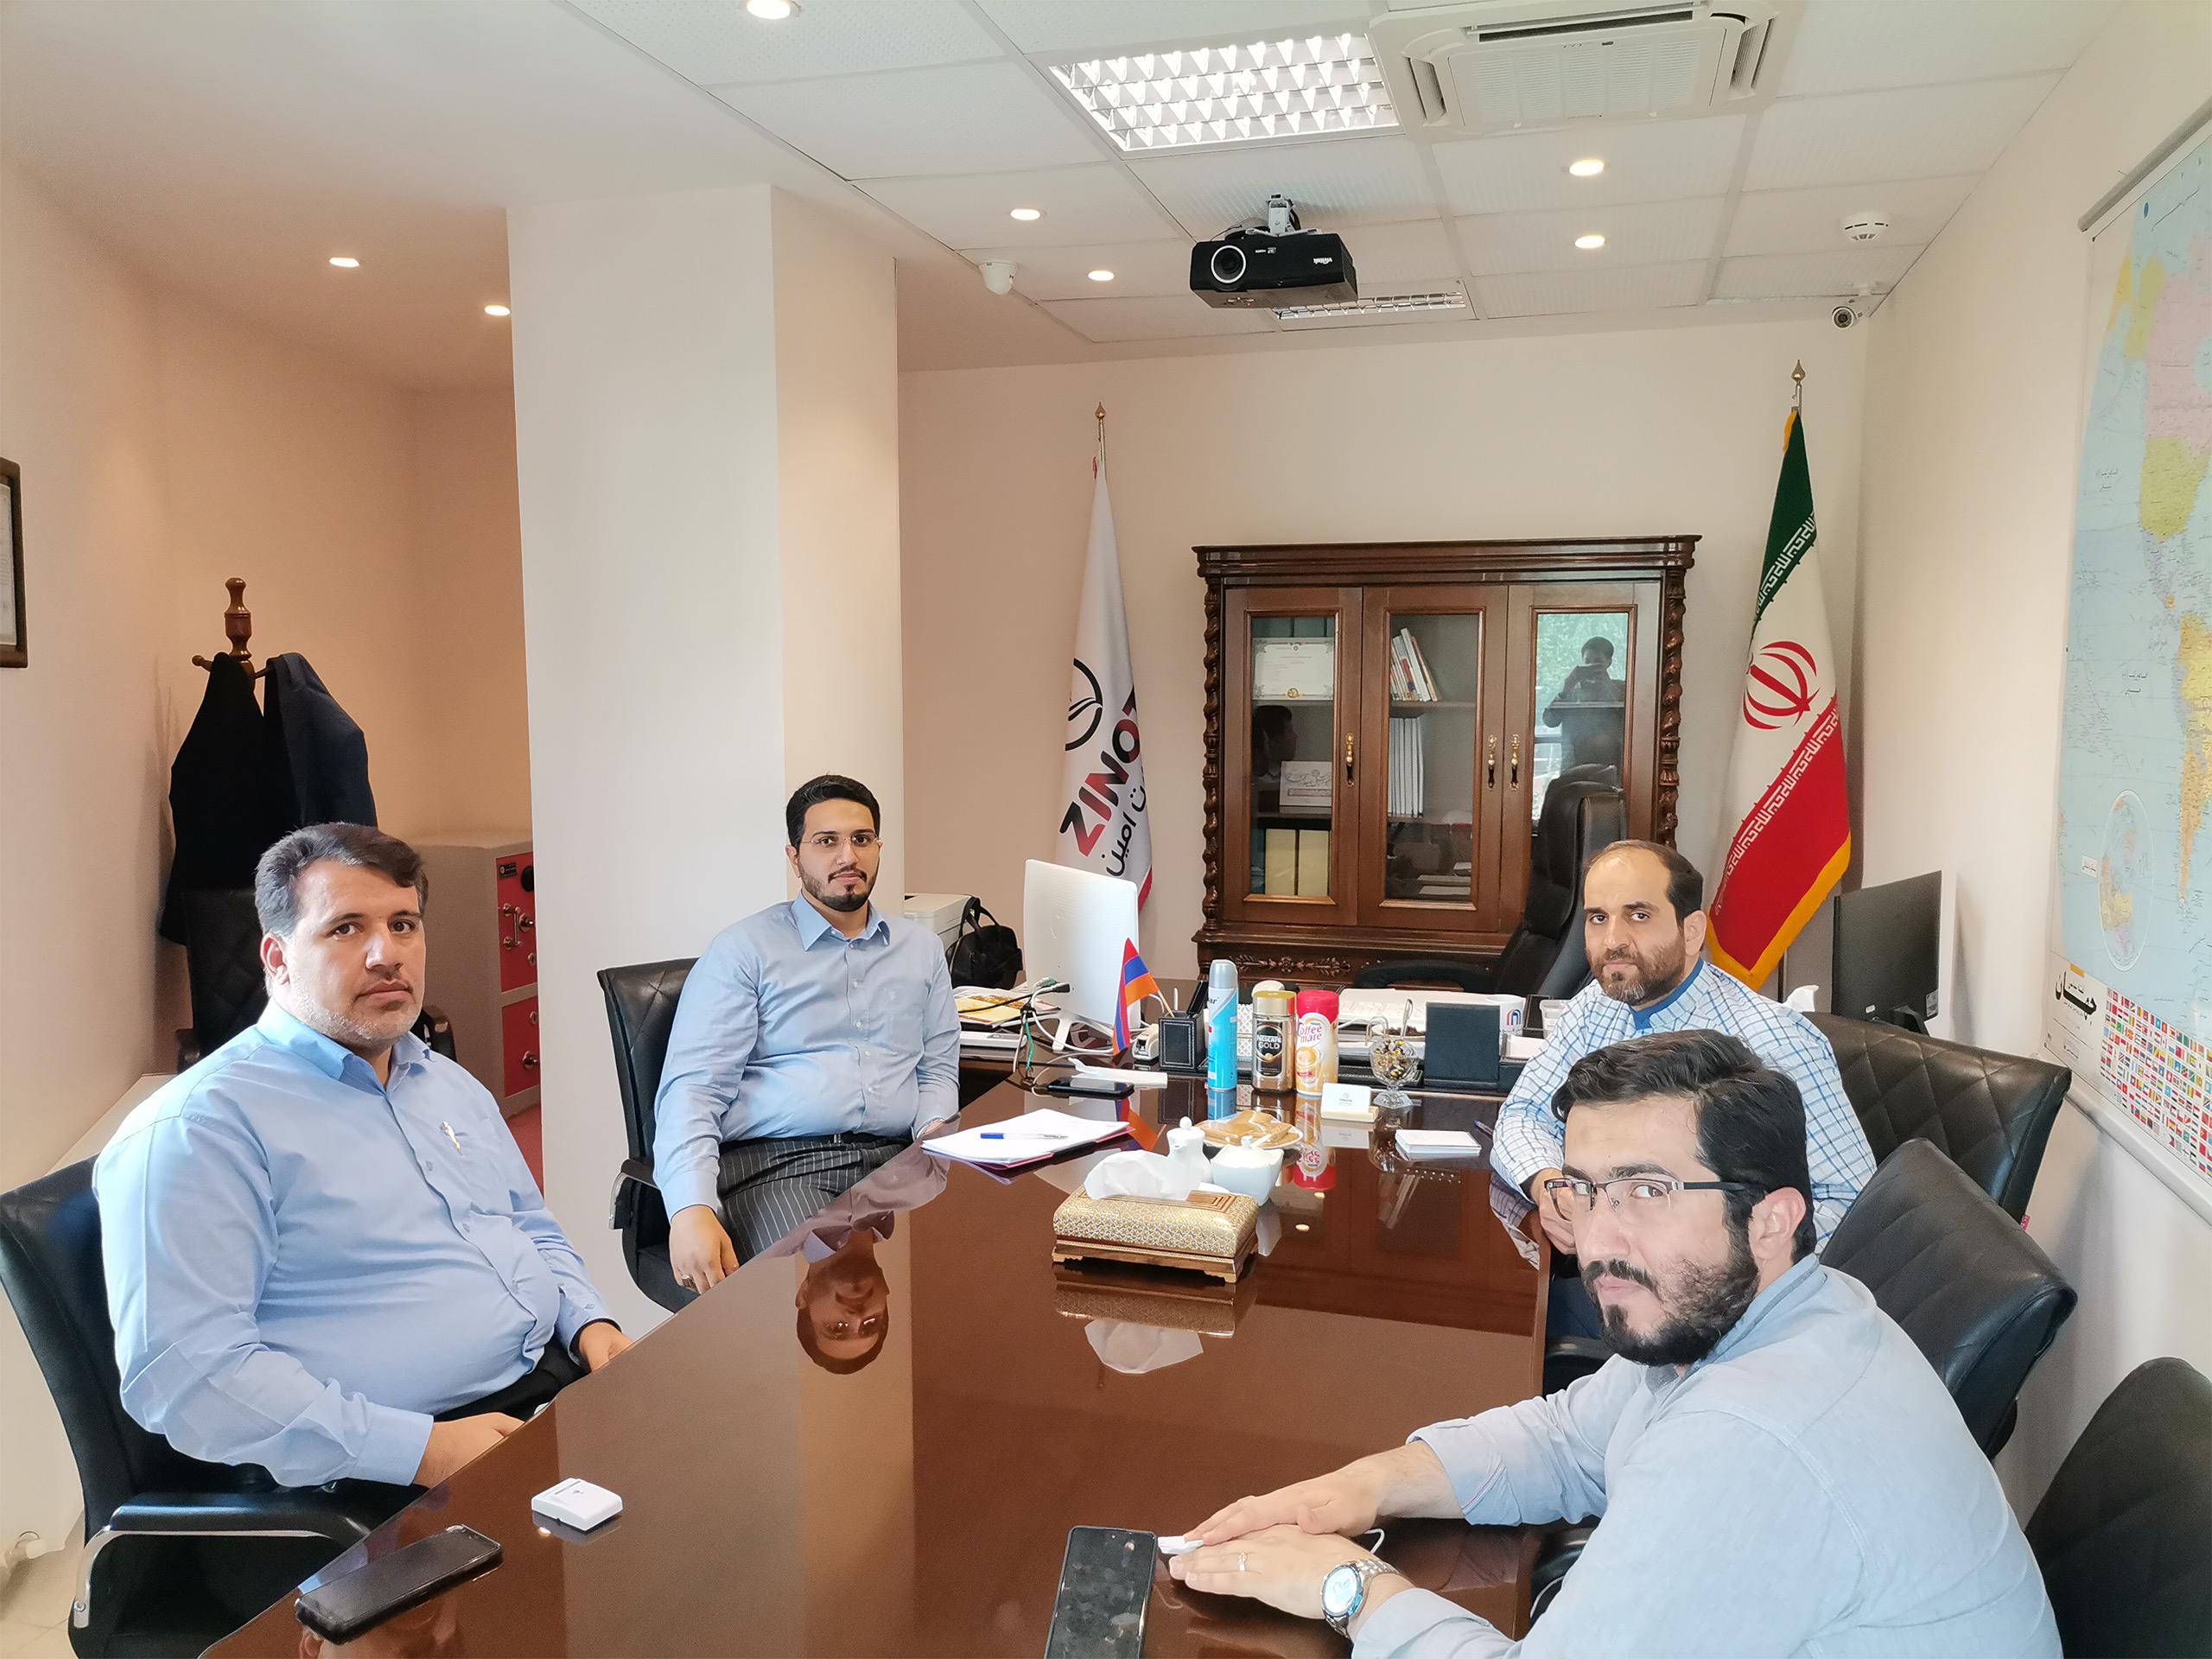 نشست با جناب آقای کریمی سرکنسولگری ایران در کربلا